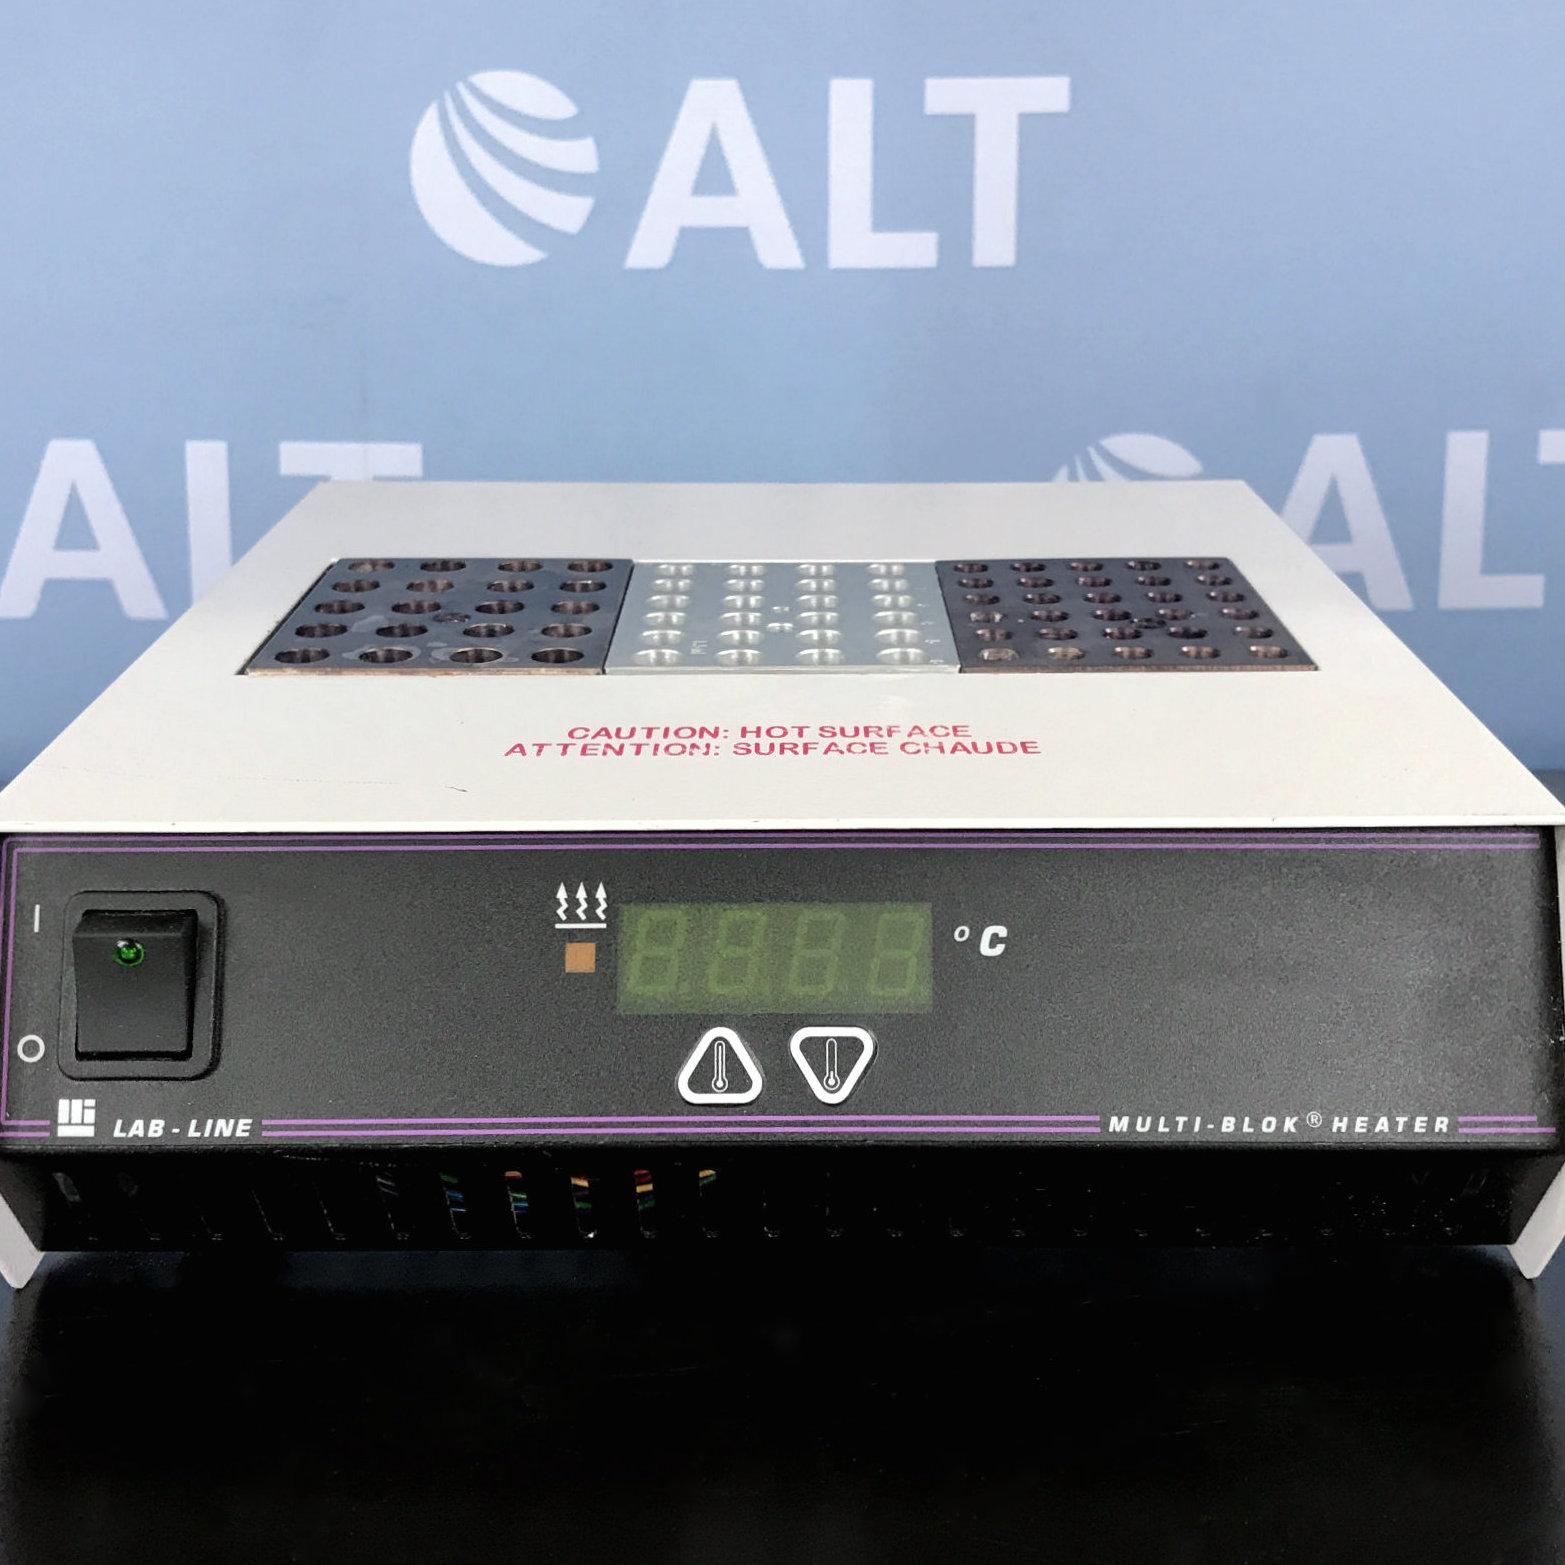 Lab-Line Digital Multi-Block Heater 2002 Image